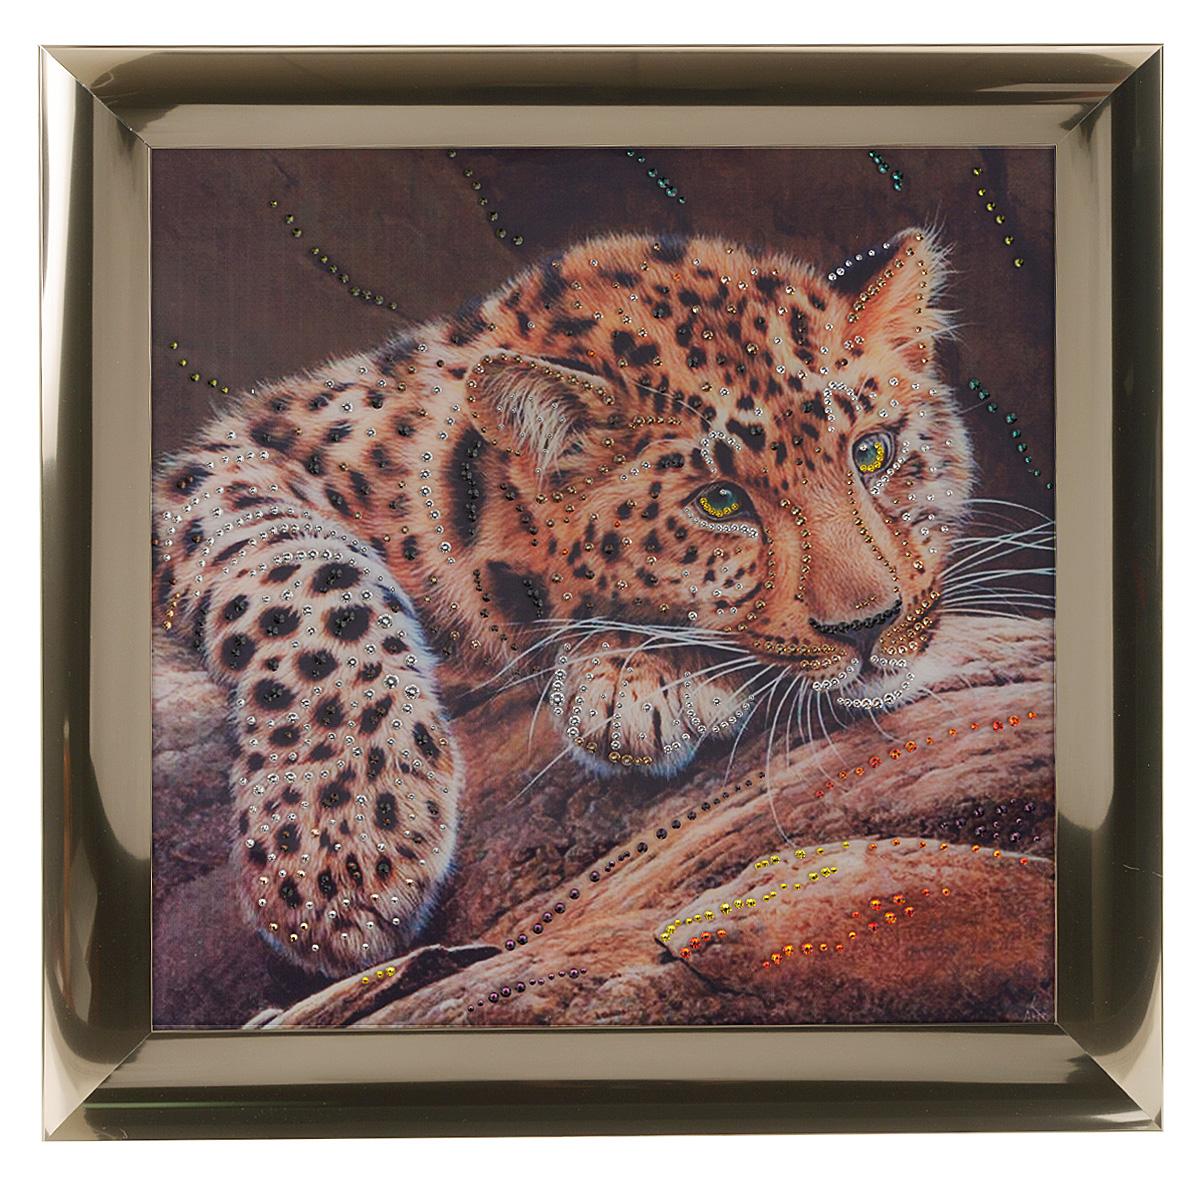 Картина с кристаллами Swarovski Леопард, 47 см х 47 см1332Изящная картина в металлической раме, инкрустирована кристаллами Swarovski, которые отличаются четкой и ровной огранкой, ярким блеском и чистотой цвета. Красочное изображение леопарда, расположенное под стеклом, прекрасно дополняет блеск кристаллов. С обратной стороны имеется металлическая петелька для размещения картины на стене. Картина с кристаллами Swarovski Леопард элегантно украсит интерьер дома или офиса, а также станет прекрасным подарком, который обязательно понравится получателю. Блеск кристаллов в интерьере, что может быть сказочнее и удивительнее. Картина упакована в подарочную картонную коробку синего цвета и комплектуется сертификатом соответствия Swarovski.